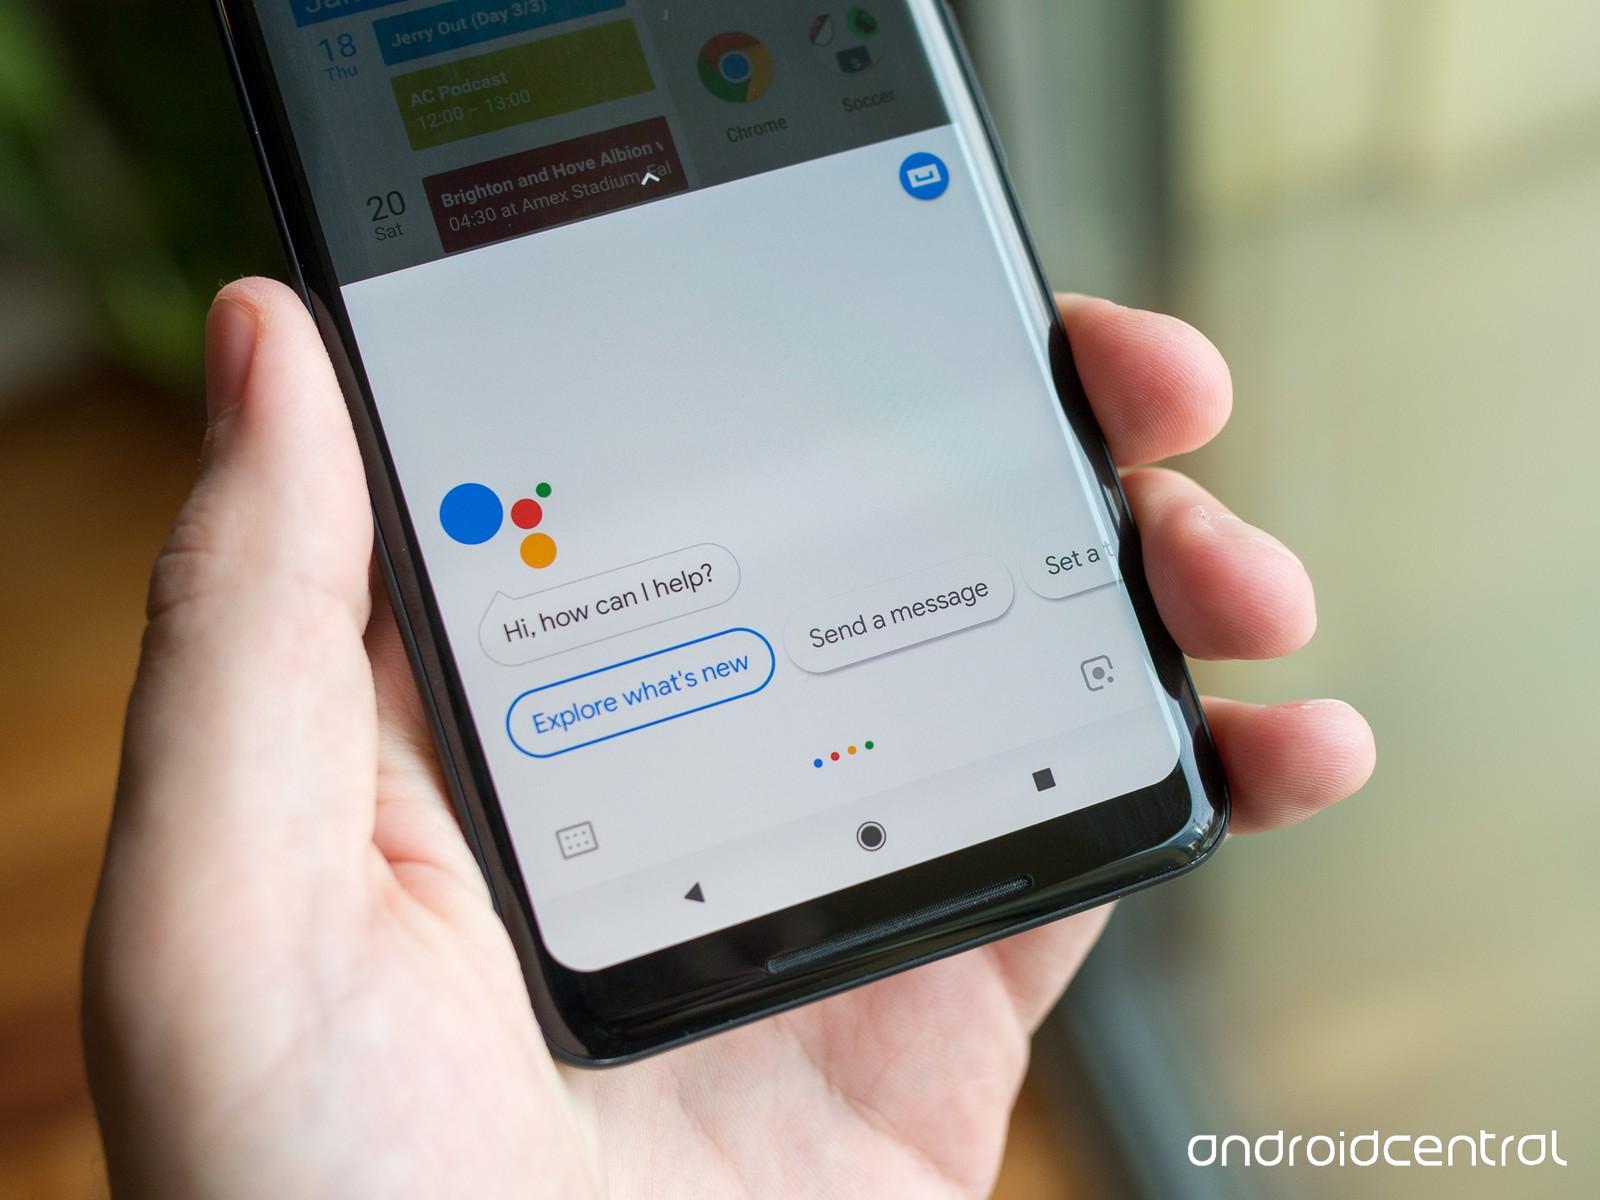 Trải nghiệm Google Assistant tiếng Việt: Thông minh, giọng êm với nhiều tính năng hay ho